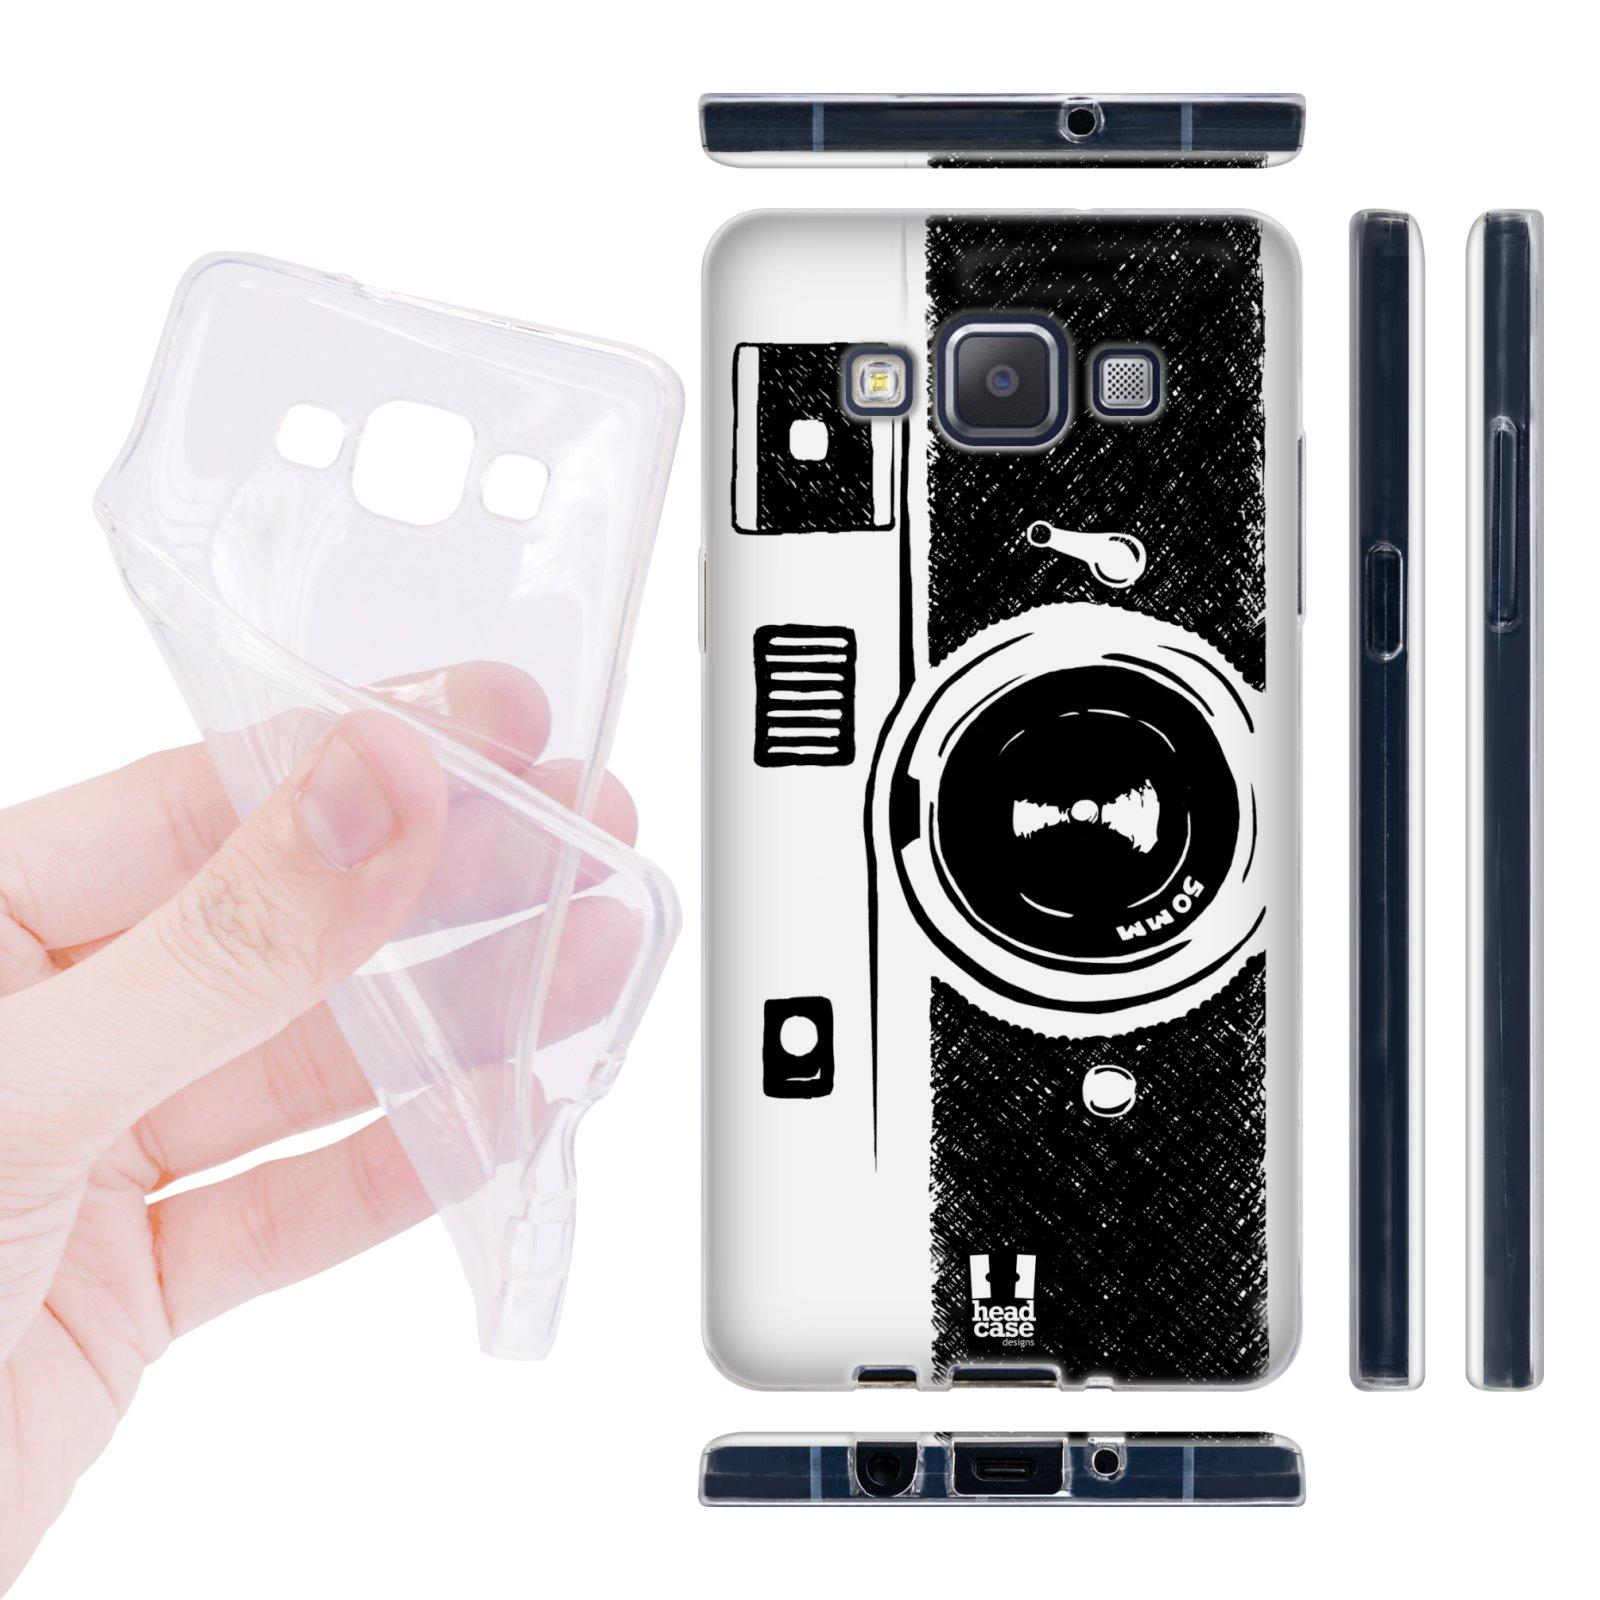 Head Case silikonové pouzdro na mobil Samsung galaxy A5 nákres fotoaparát